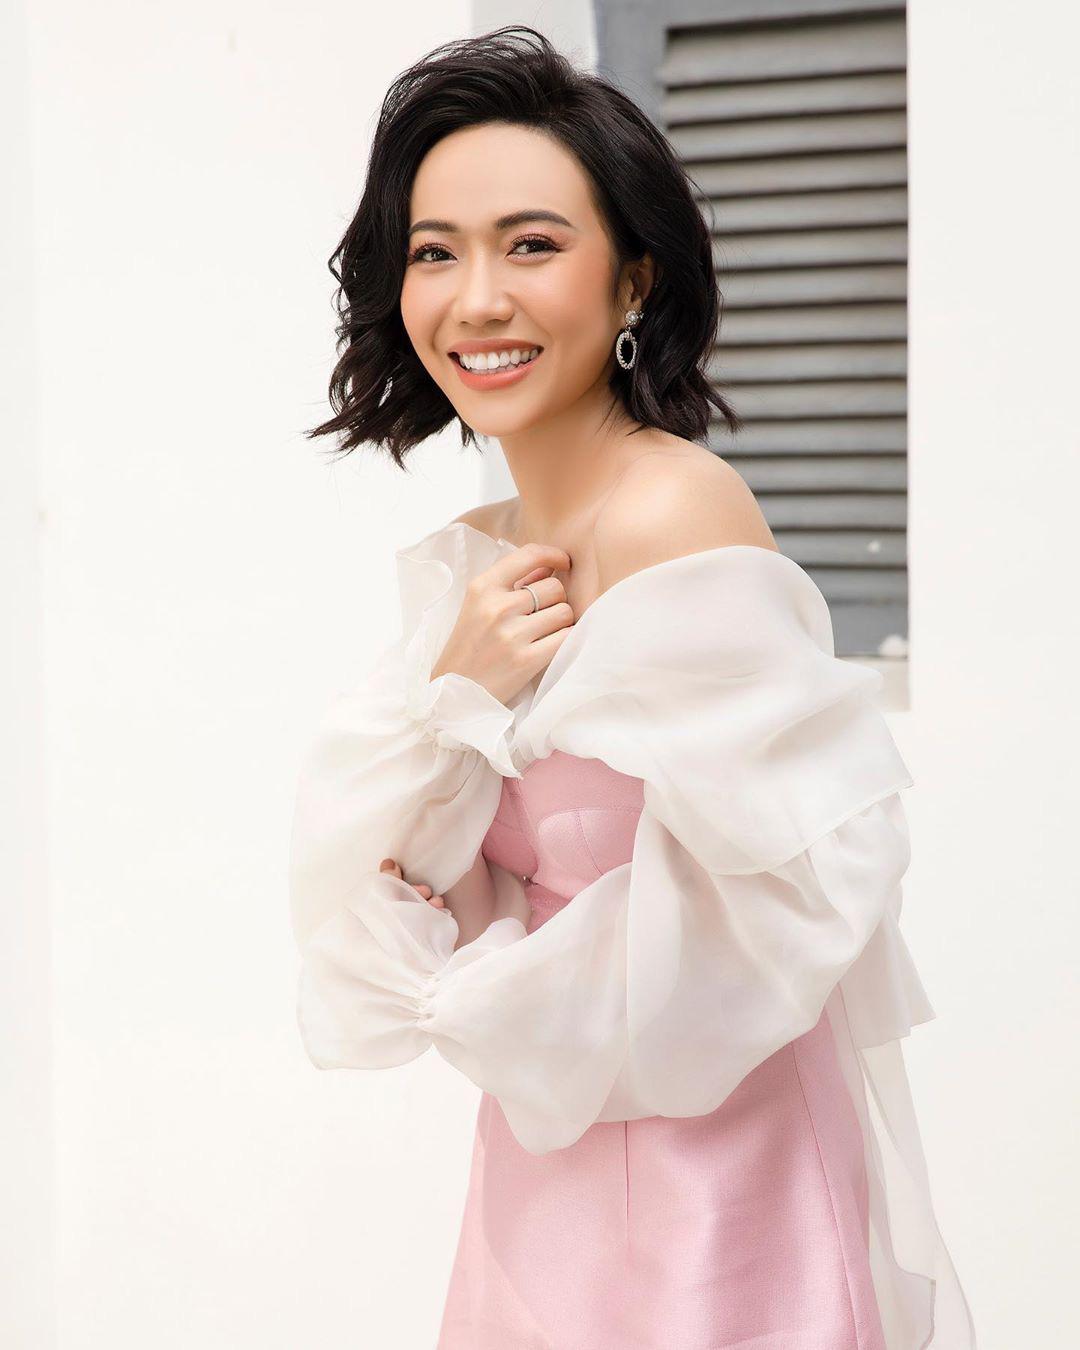 """Nhìn Son Ye Jin và Huyn Bin """"tình bể bình"""", Diệu Nhi hay bất cứ cô gái nào cũng chỉ ấp ủ ước mơ để tóc dài mà thôi - Ảnh 4."""